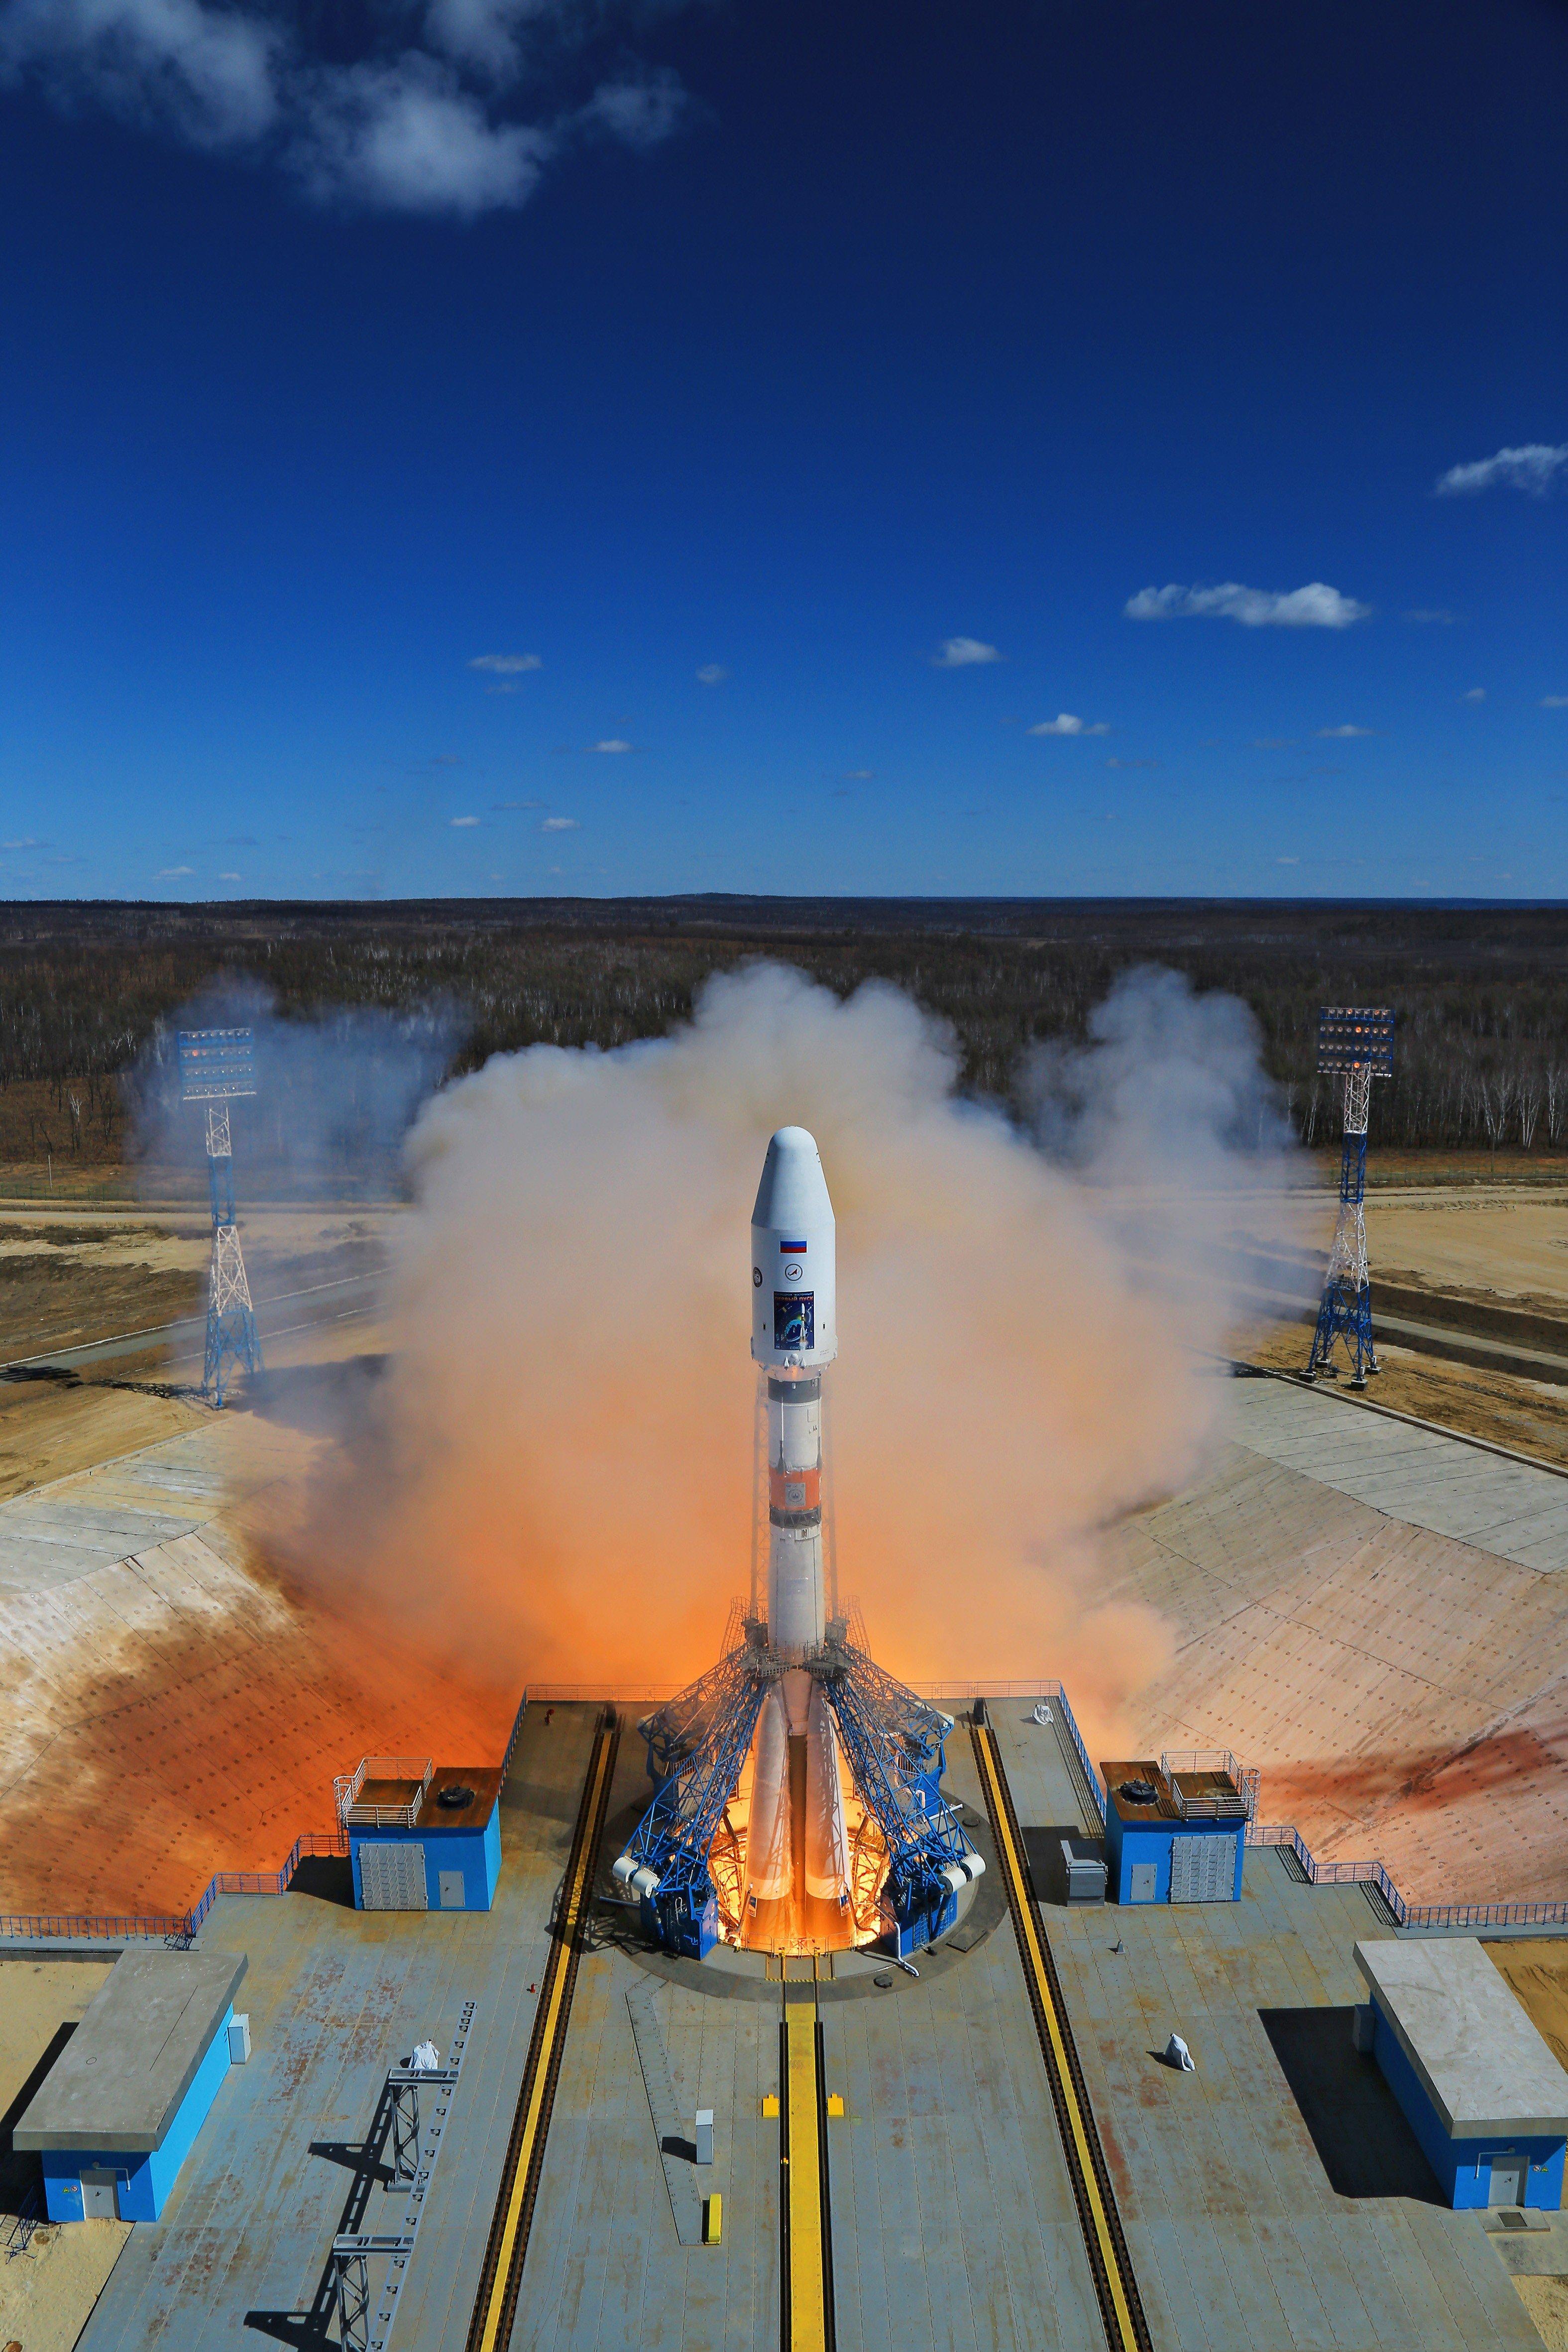 Картинка космодром без ракеты